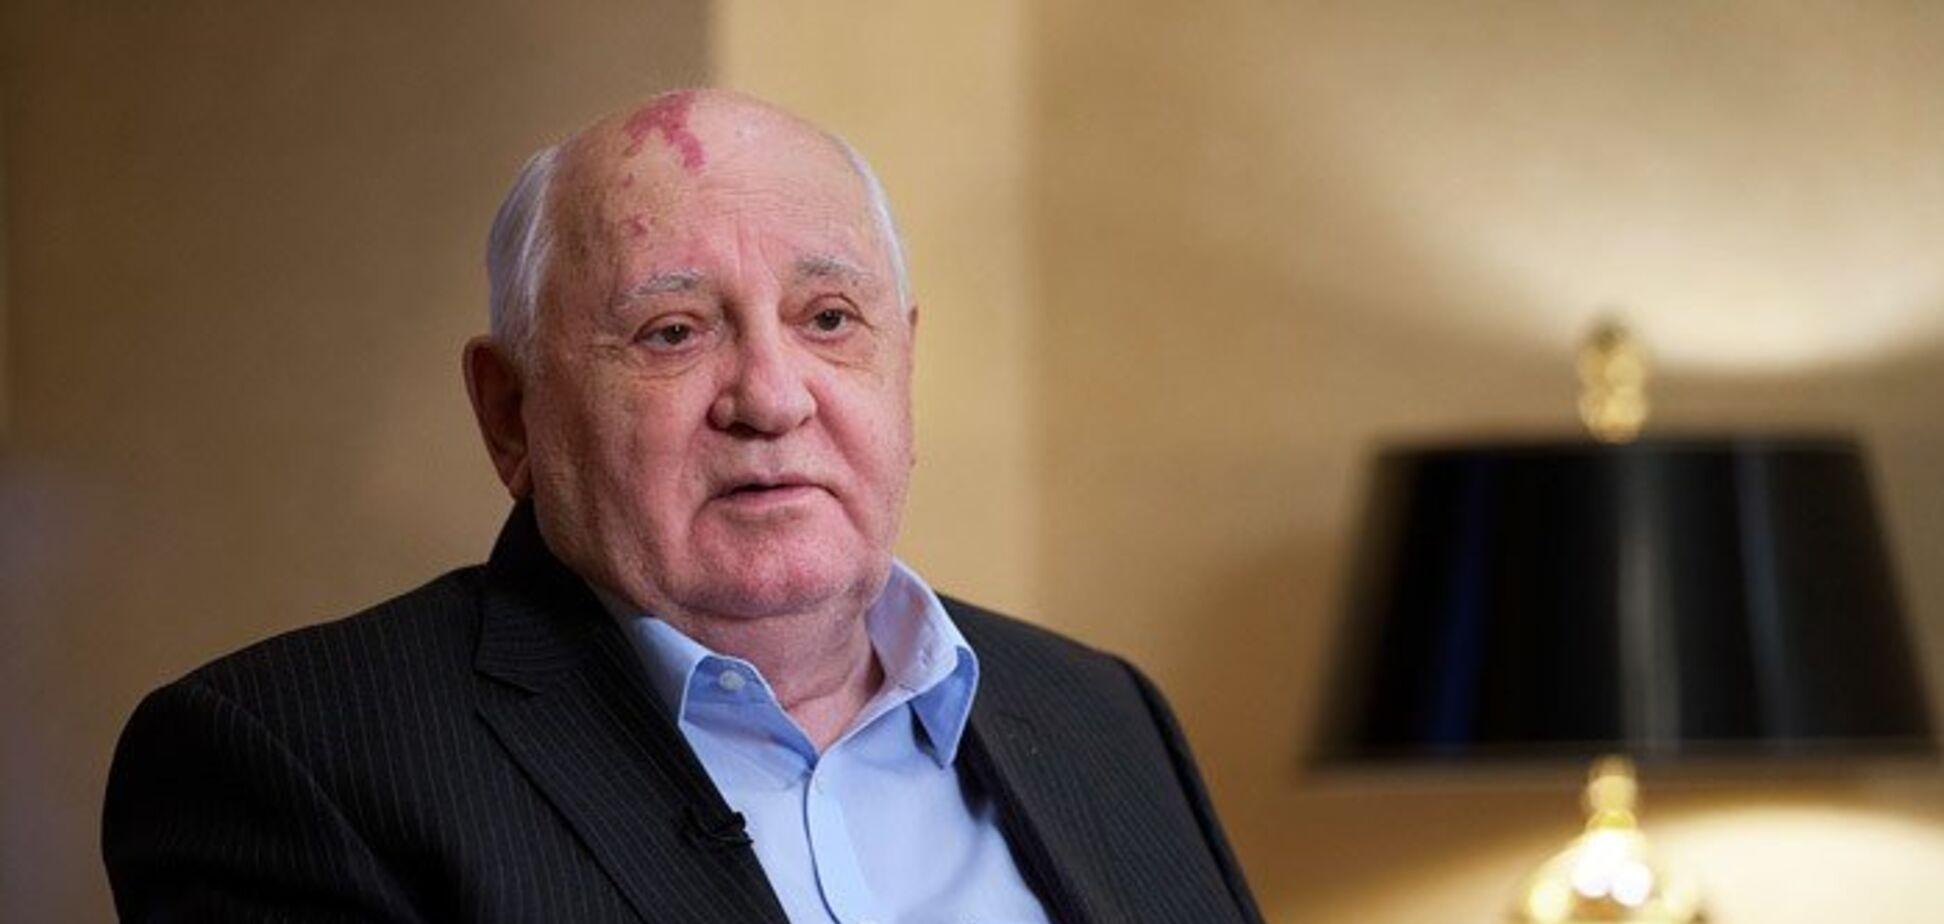 Горбачева госпитализировали в больницу: что известно